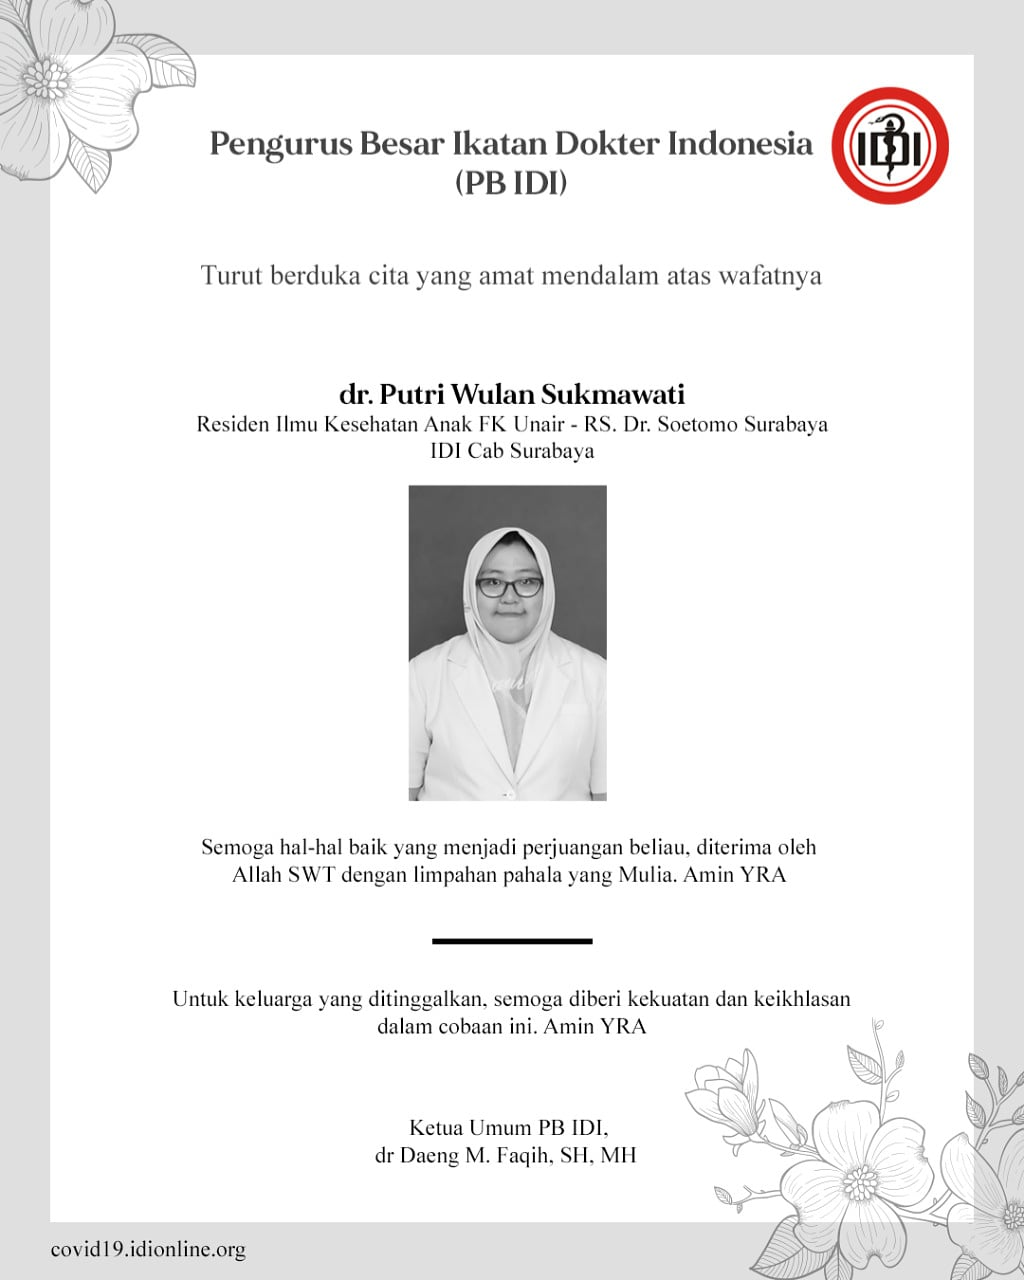 Dr Putri Wulan Sukmawati